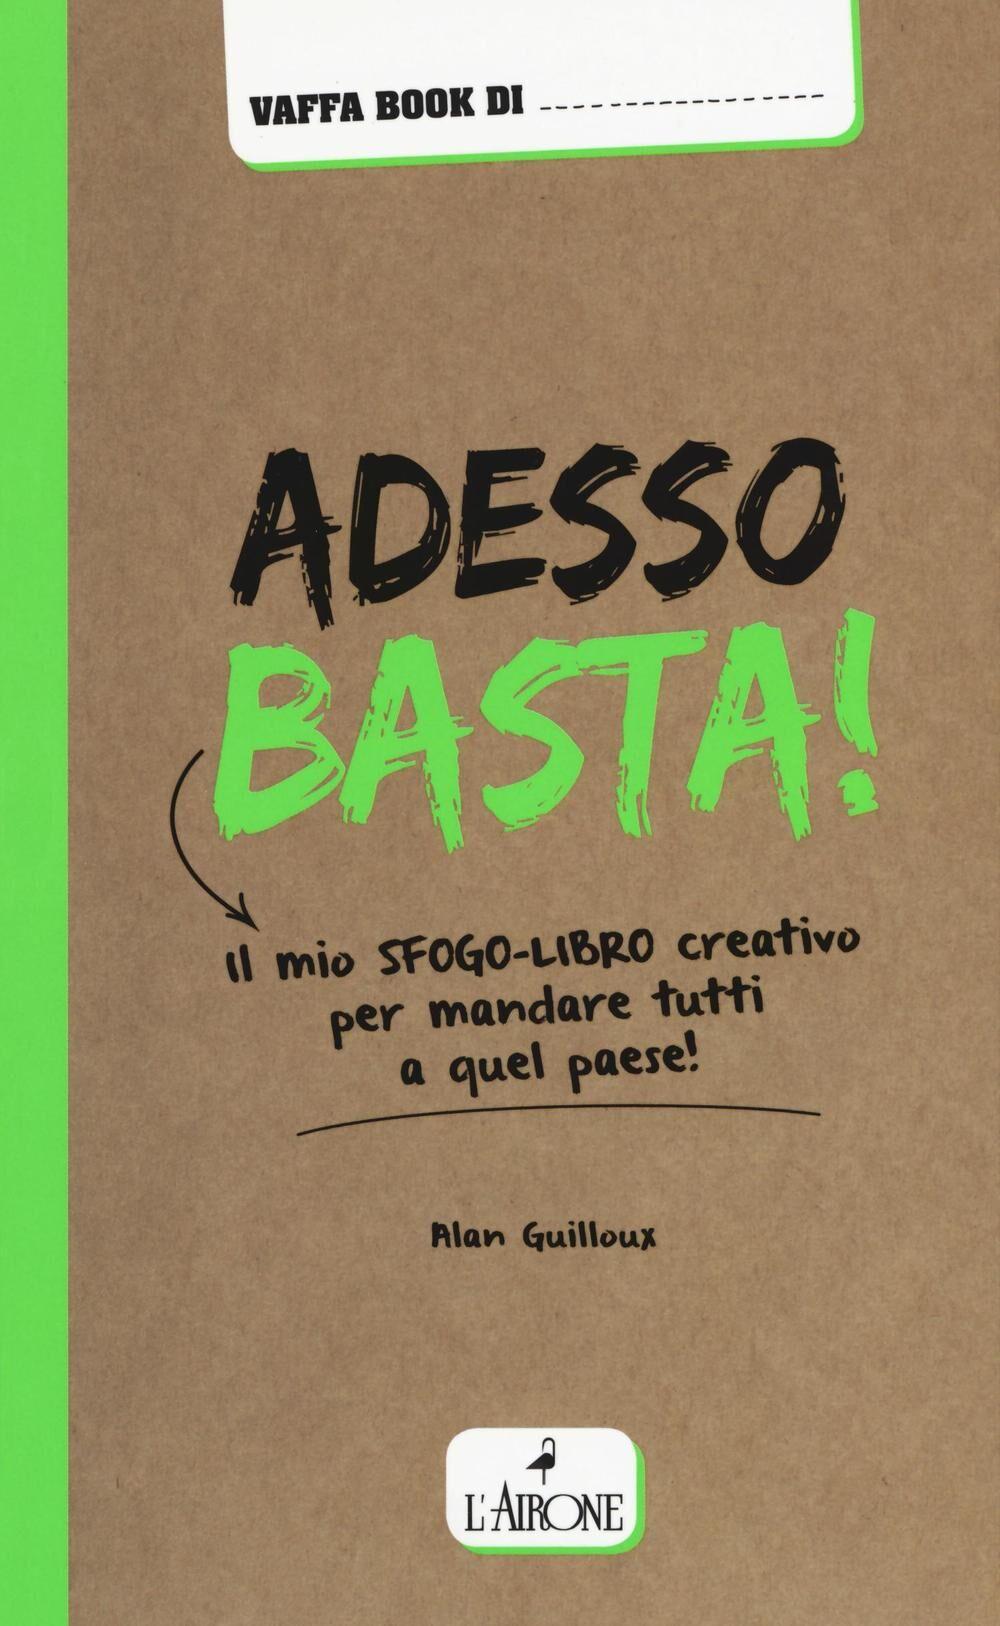 Adesso basta! Il mio sfogo-libro creativo per mandare tutti a qual paese!